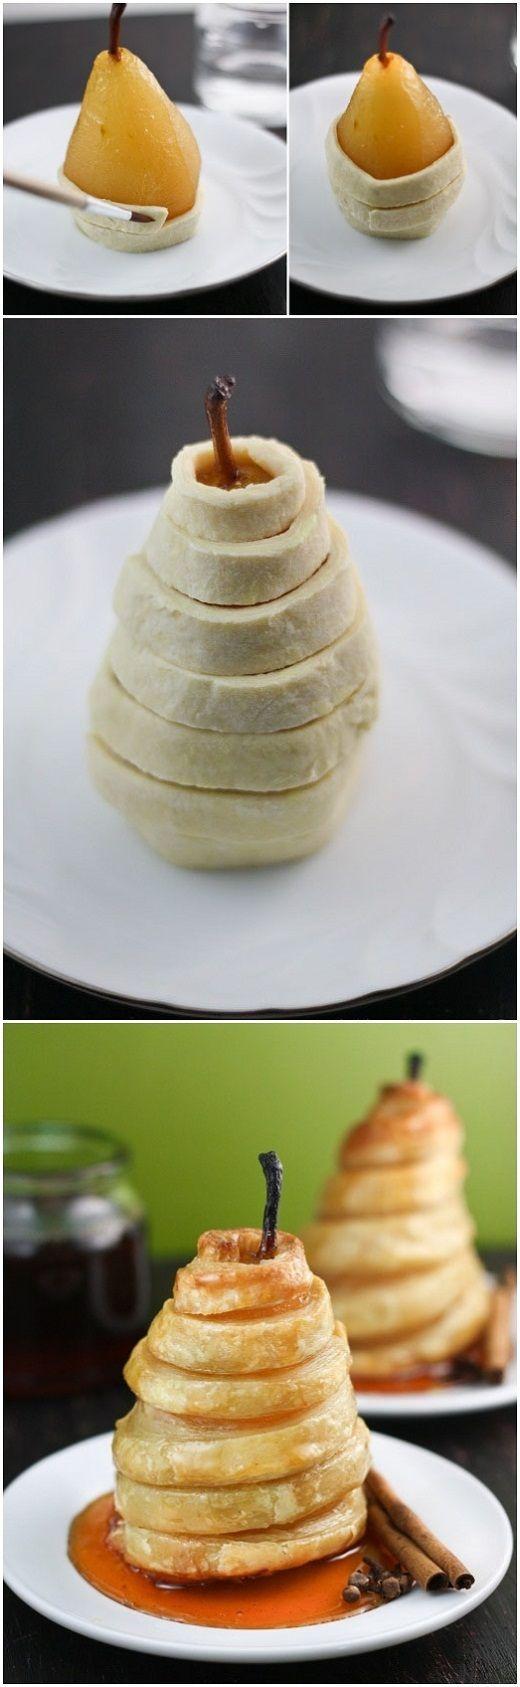 Upright pear pie :o)